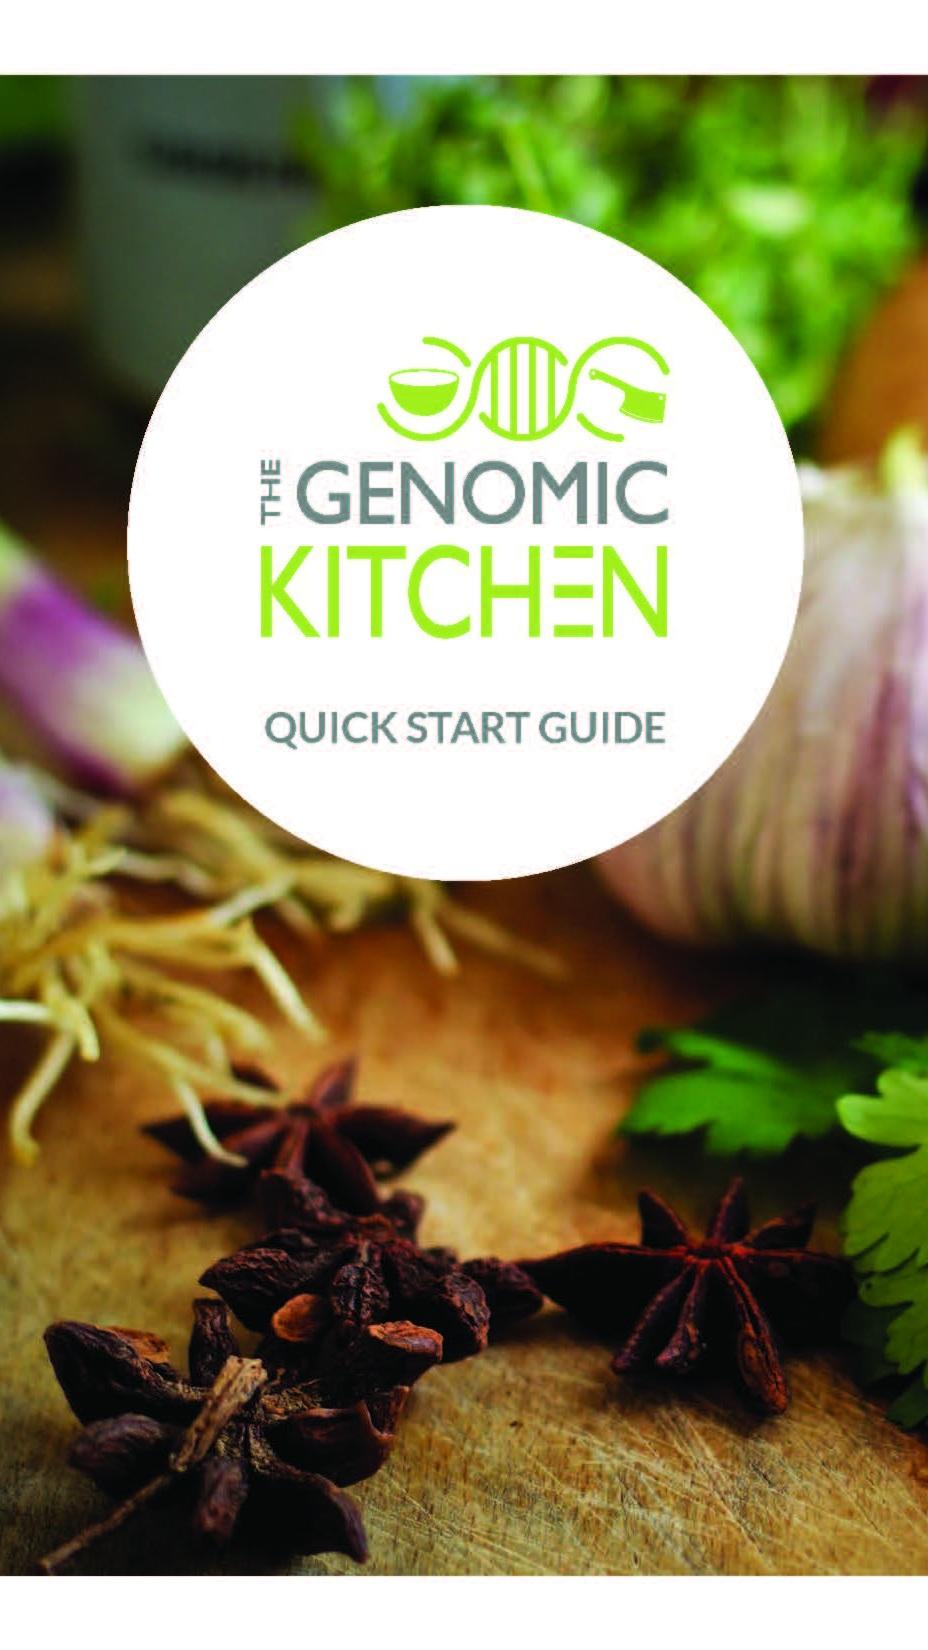 nutrigenomics+quick+start+guide.jpg